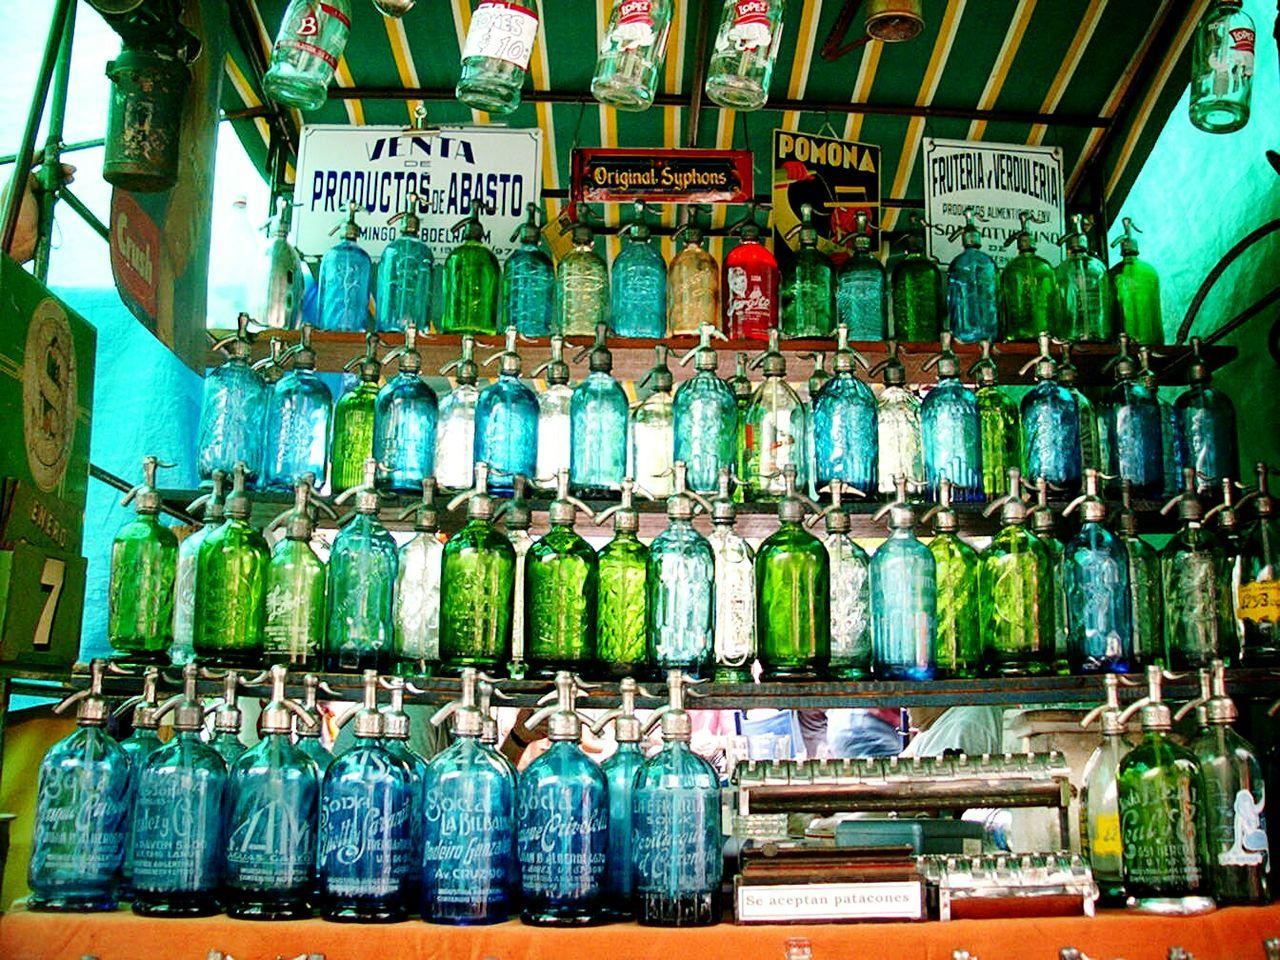 Sifones! Siphons! Antiques. Antiques Fair Plaza Dorrego. Flea market, San Telmo, Buenos Aires, Argentina Unykaphoto Flea Market Plaza Dorrego San Telmo Buenos Aires Buenos Aires Emblematic Places Buenos Aires Citytour